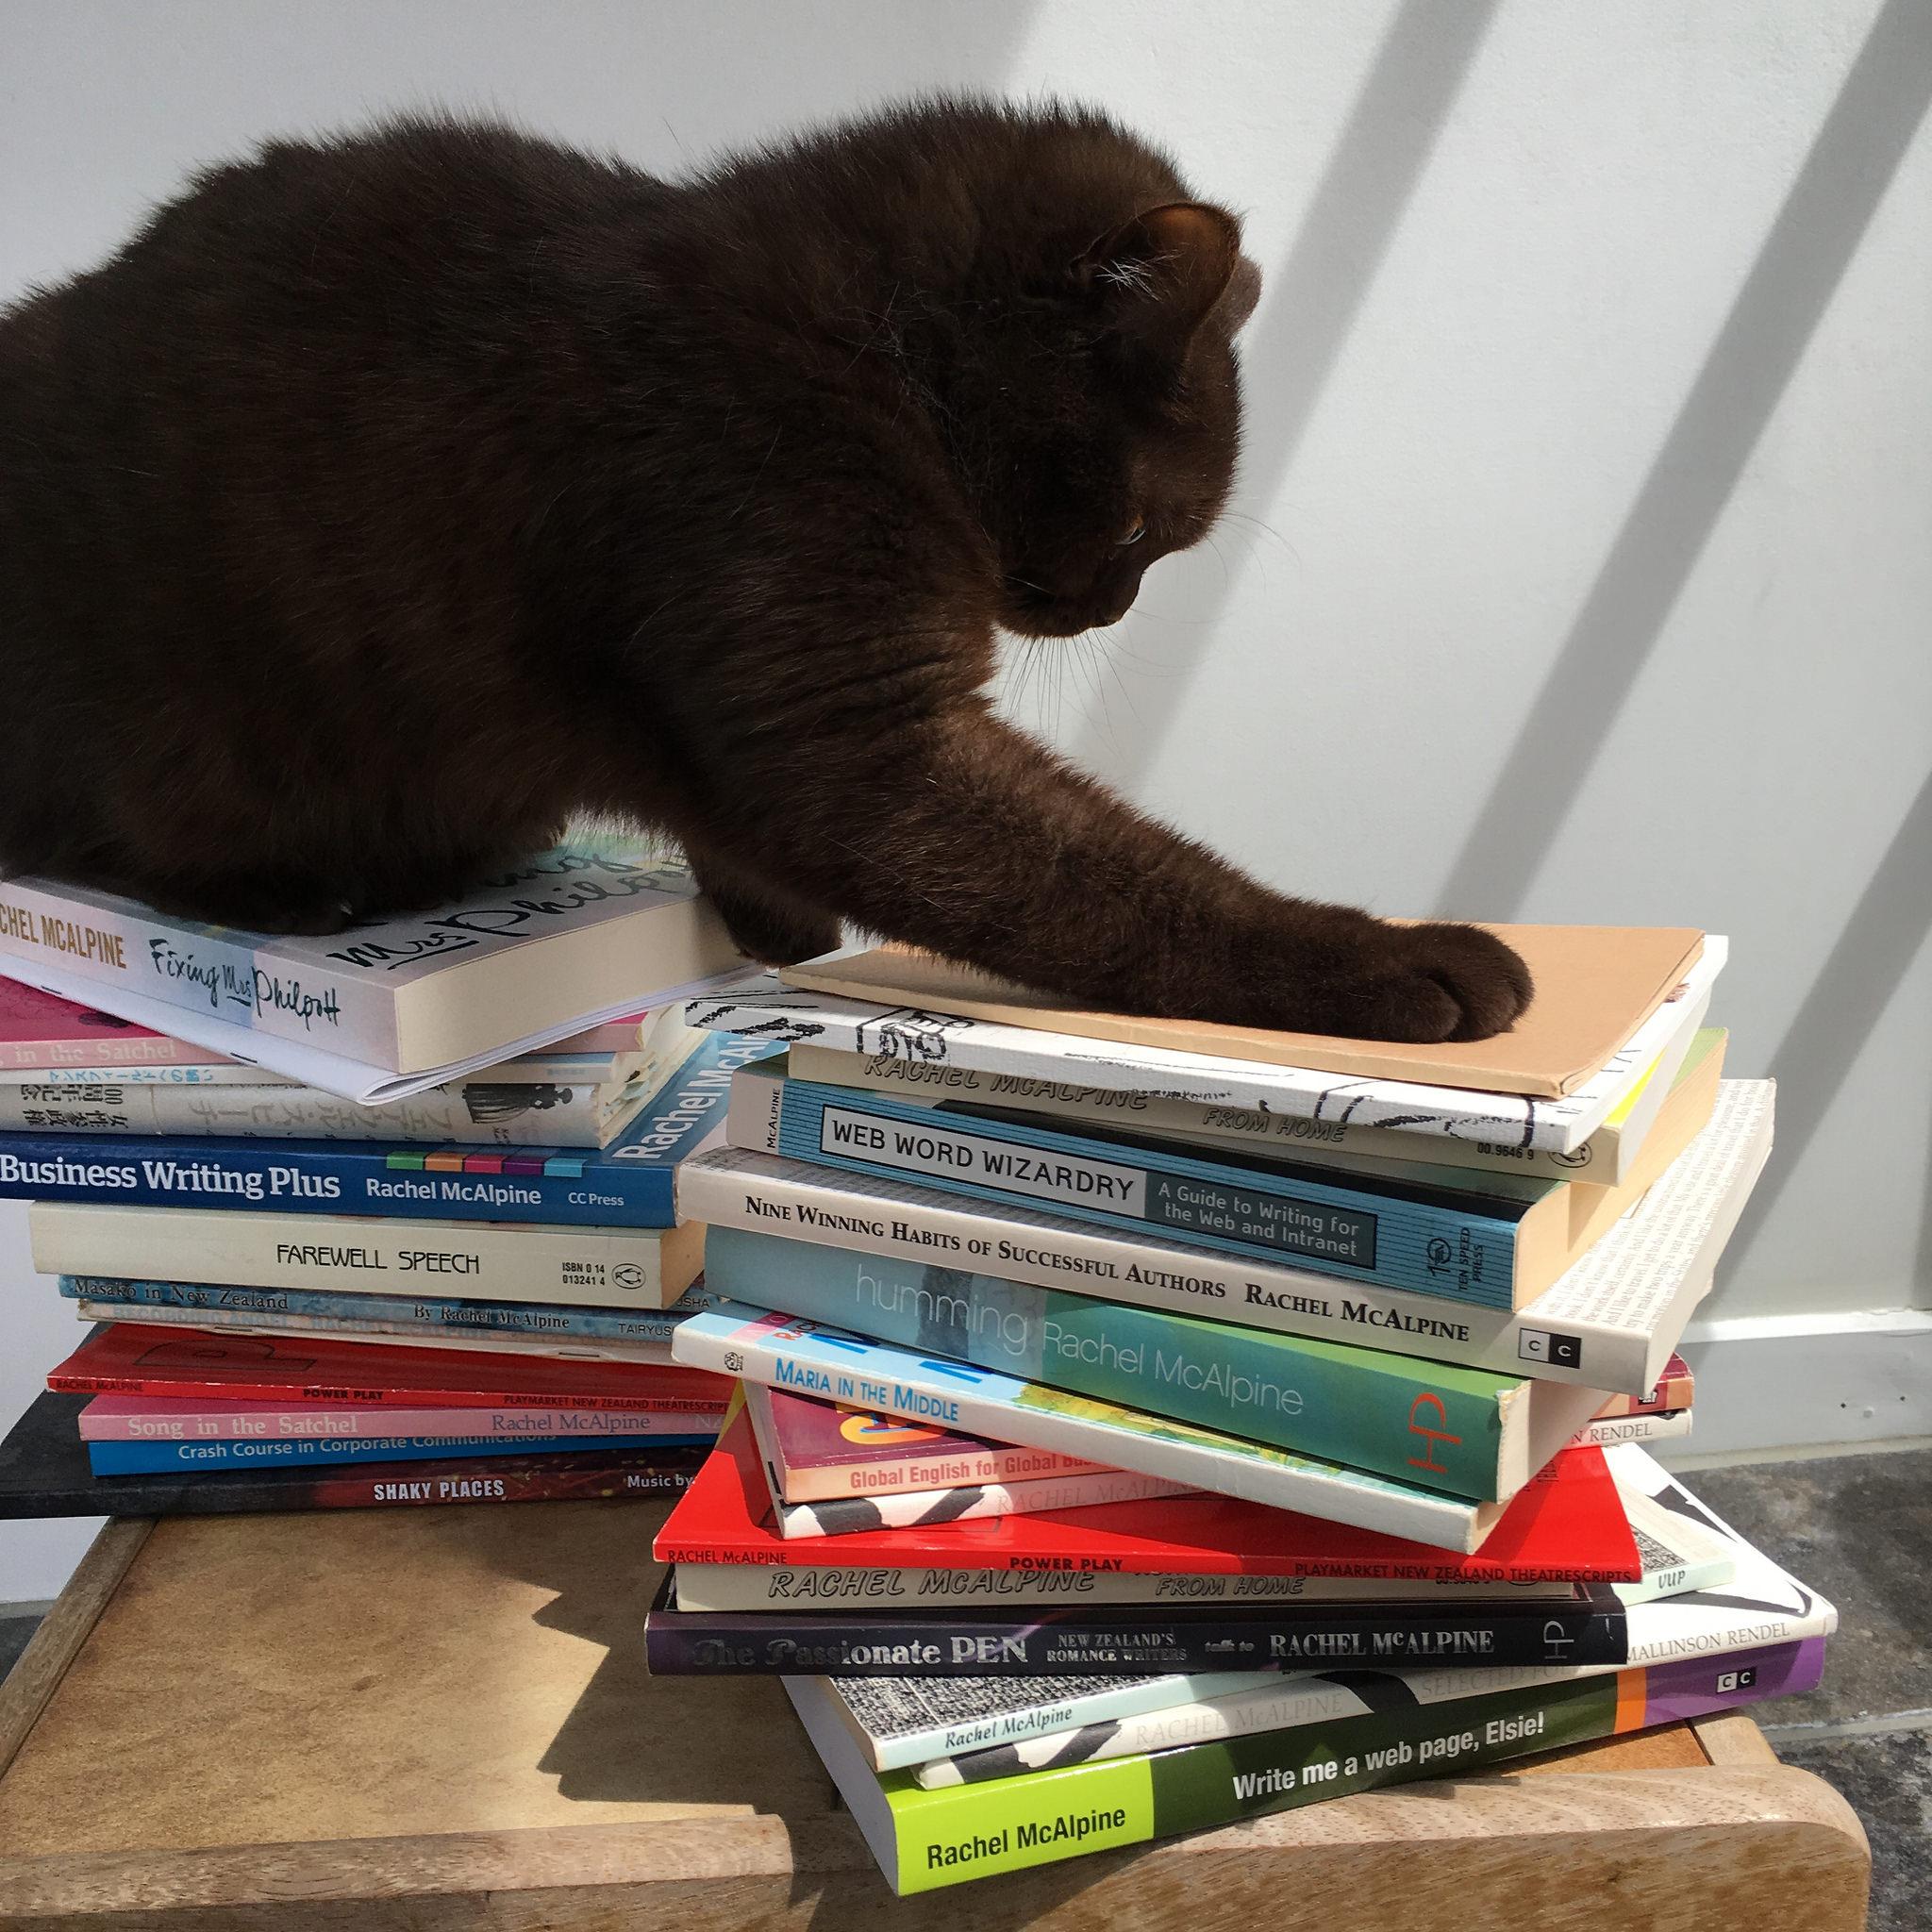 books-and-ursula